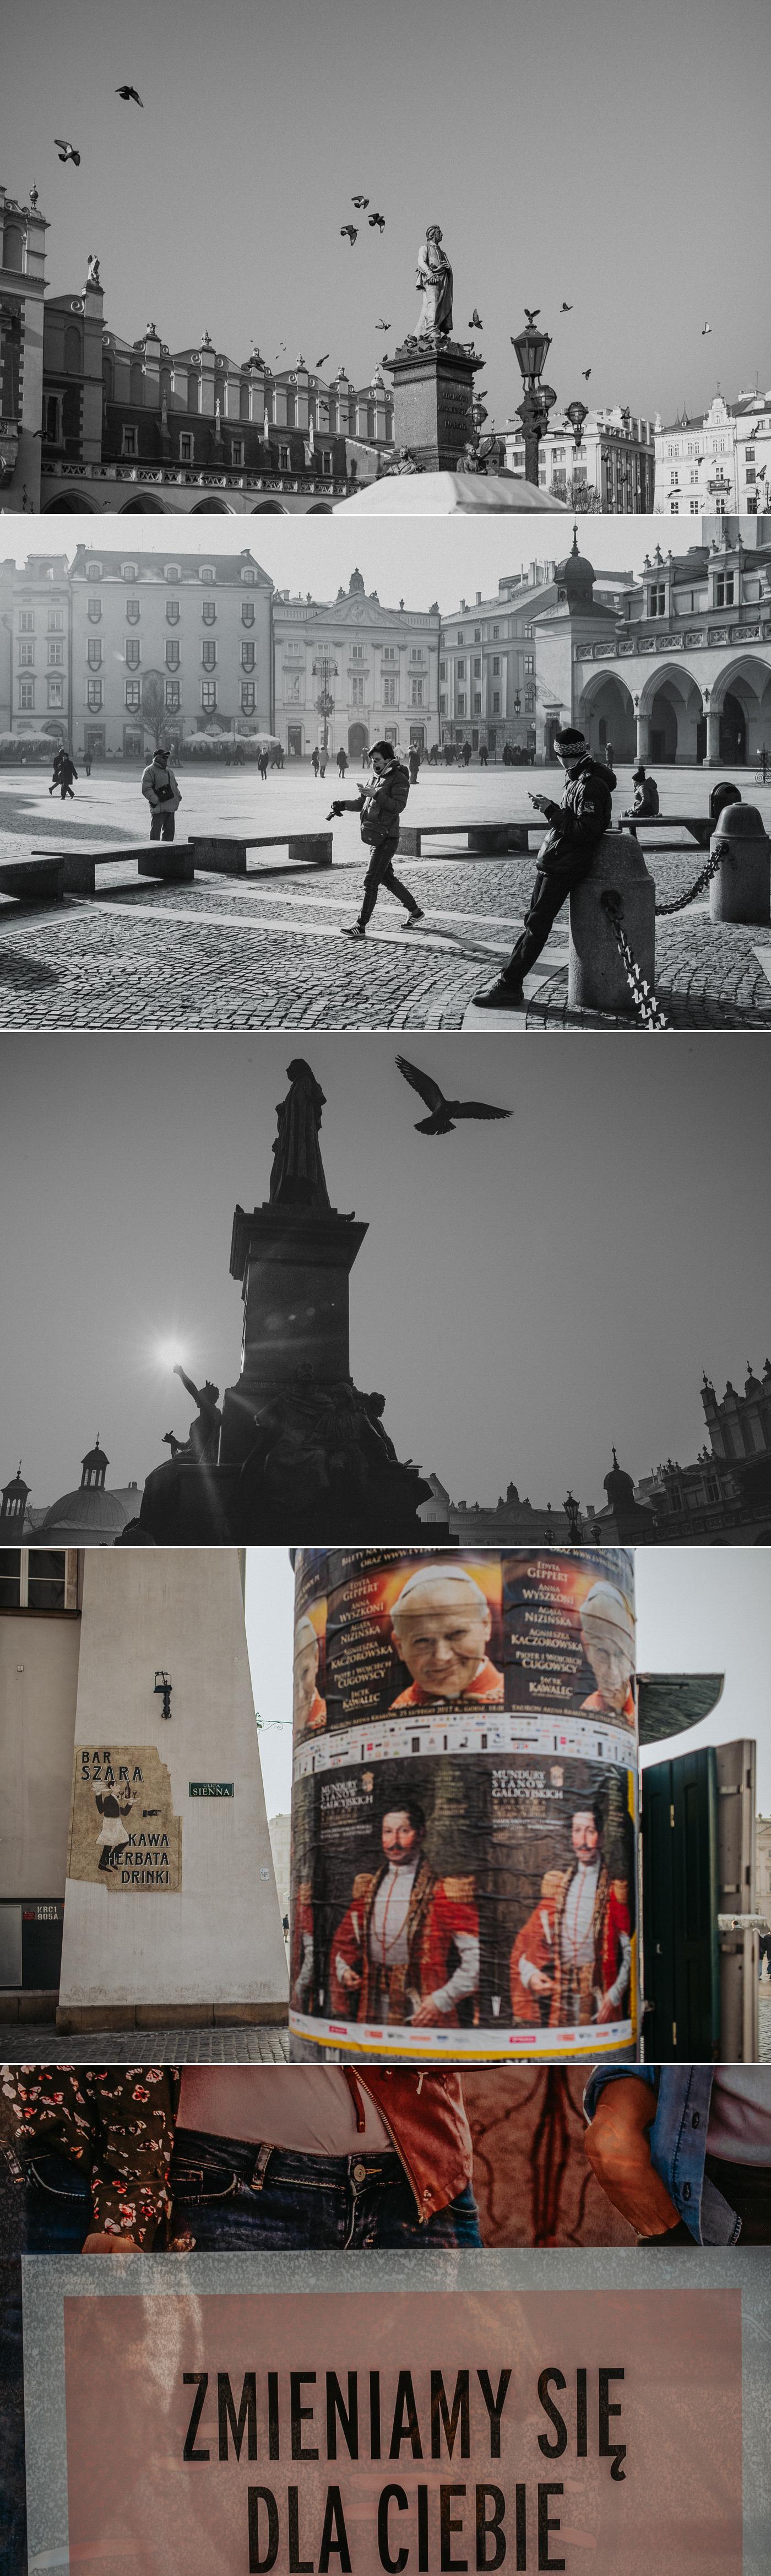 krakow_street_04